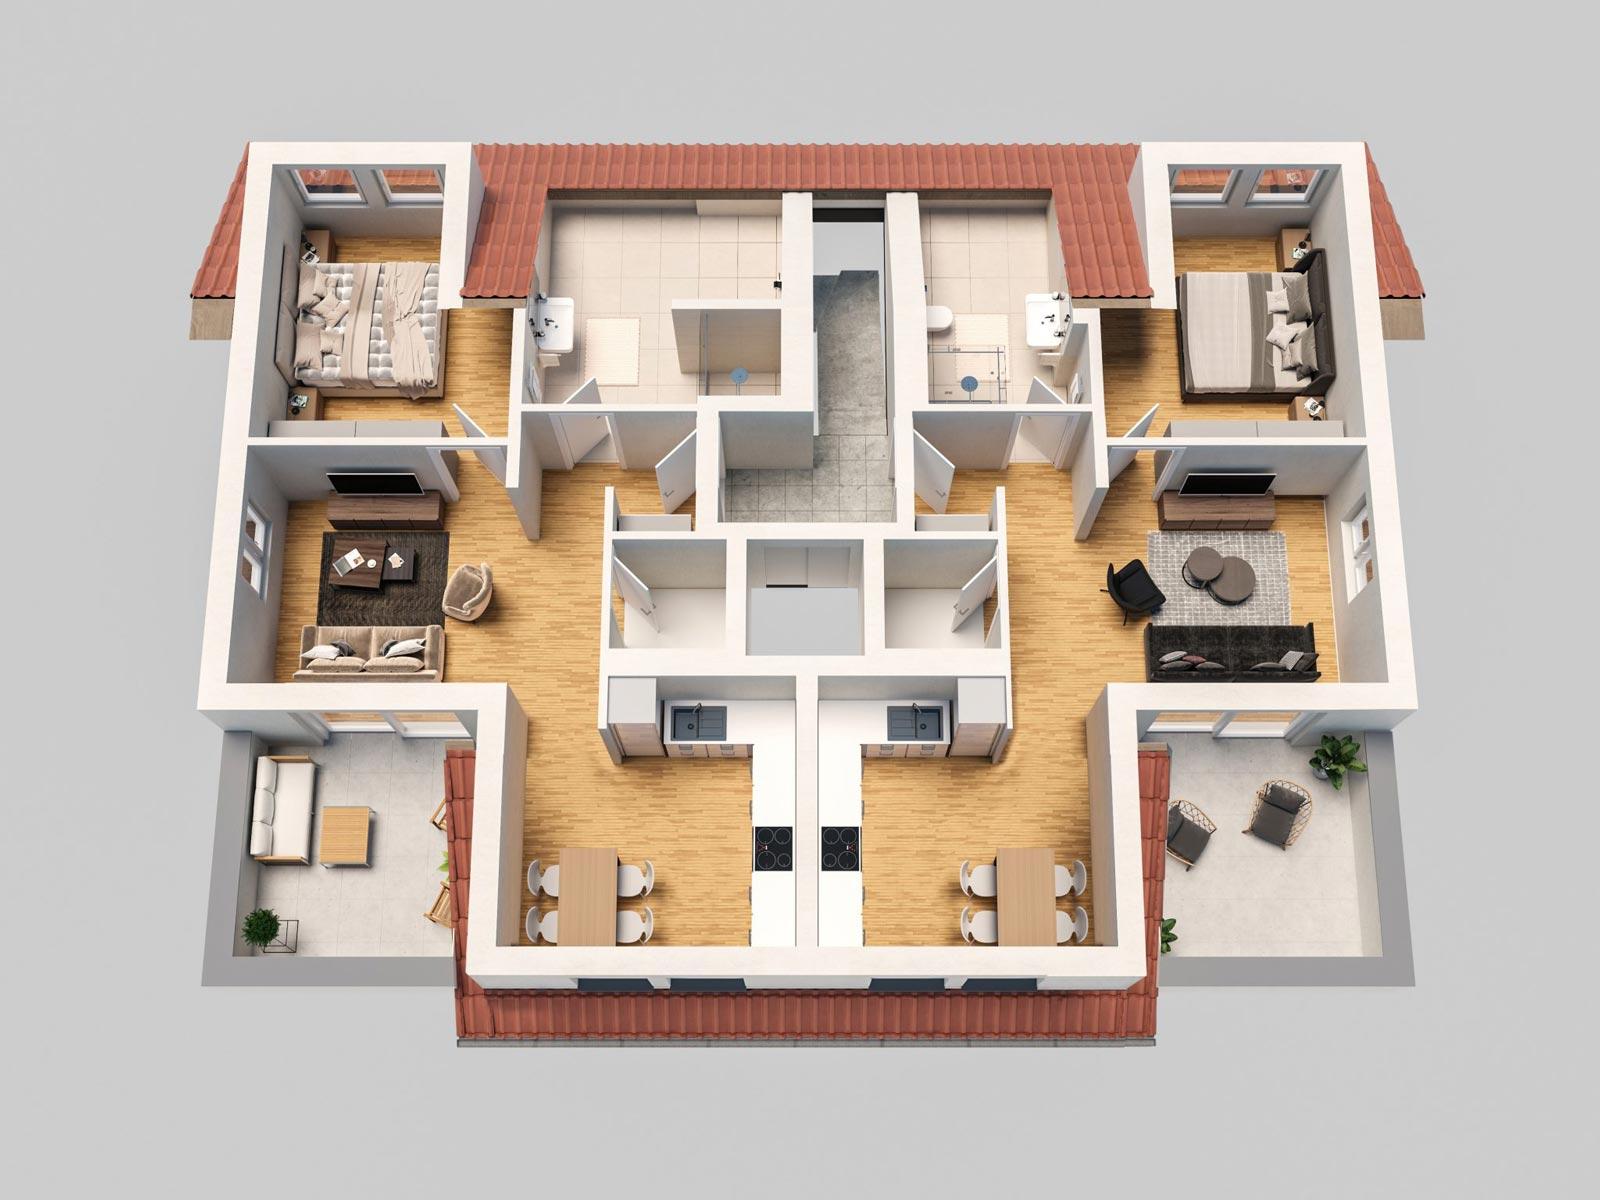 5 Eigentumswohnungen in St. Leon - Rot